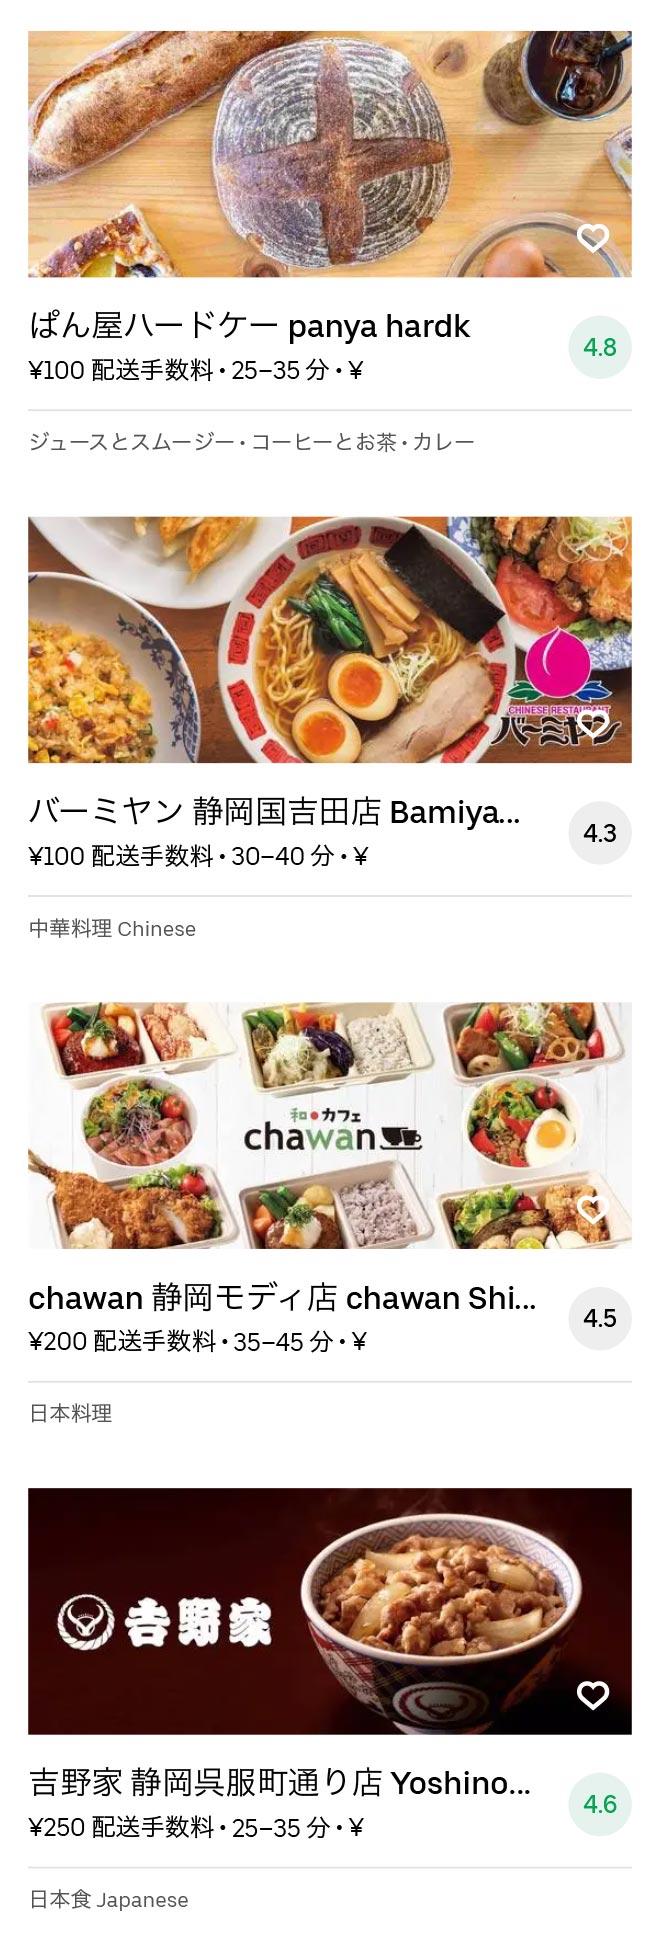 Higashi shizuoka menu 2010 06